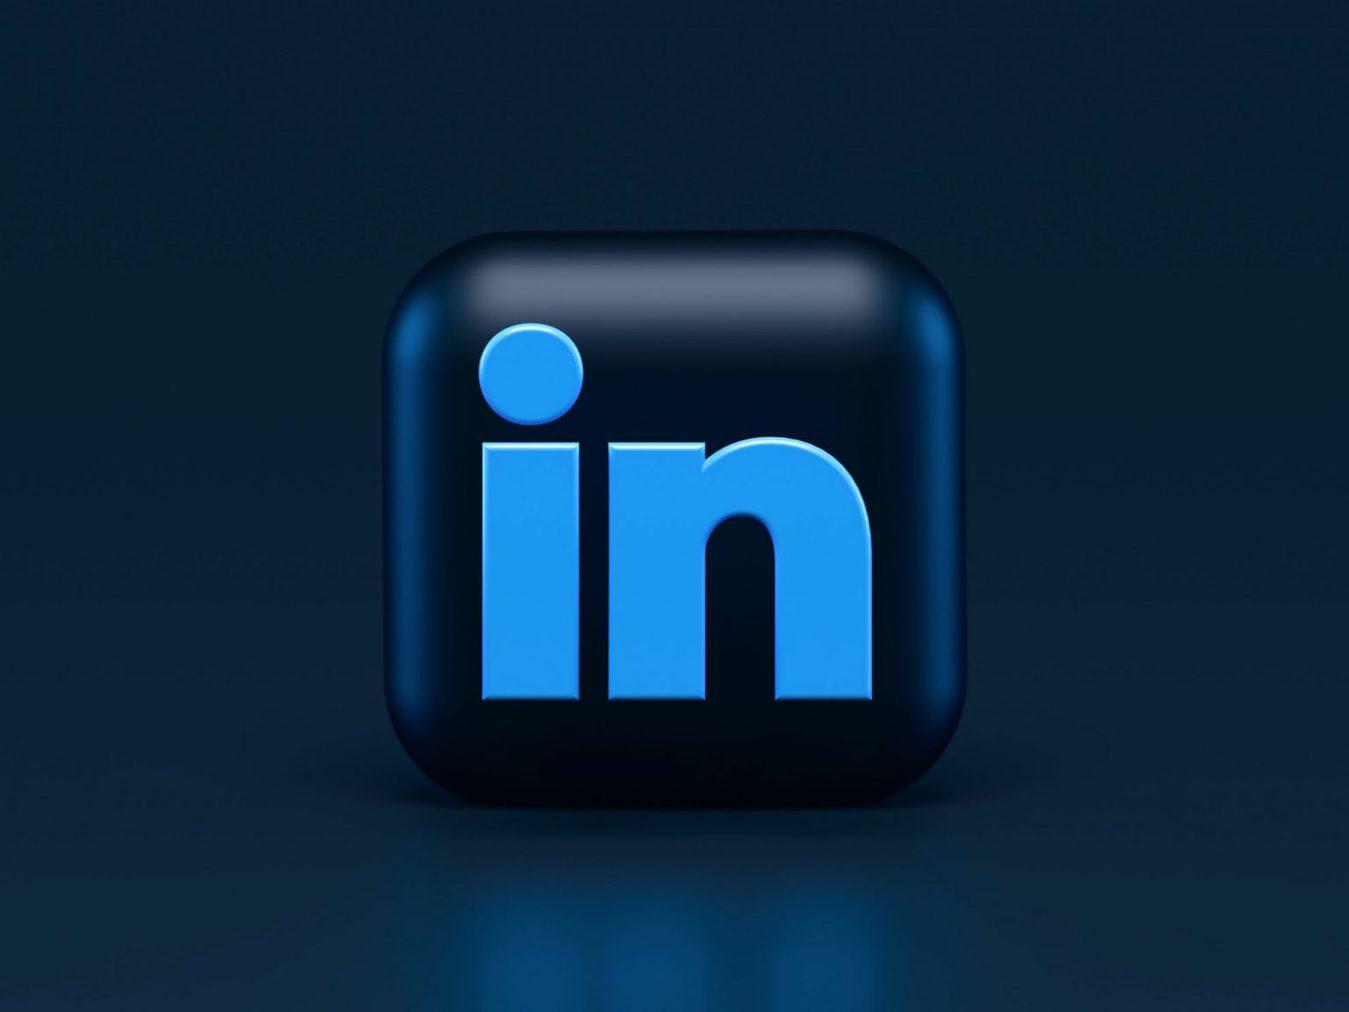 Icona LinkedIn in 3D